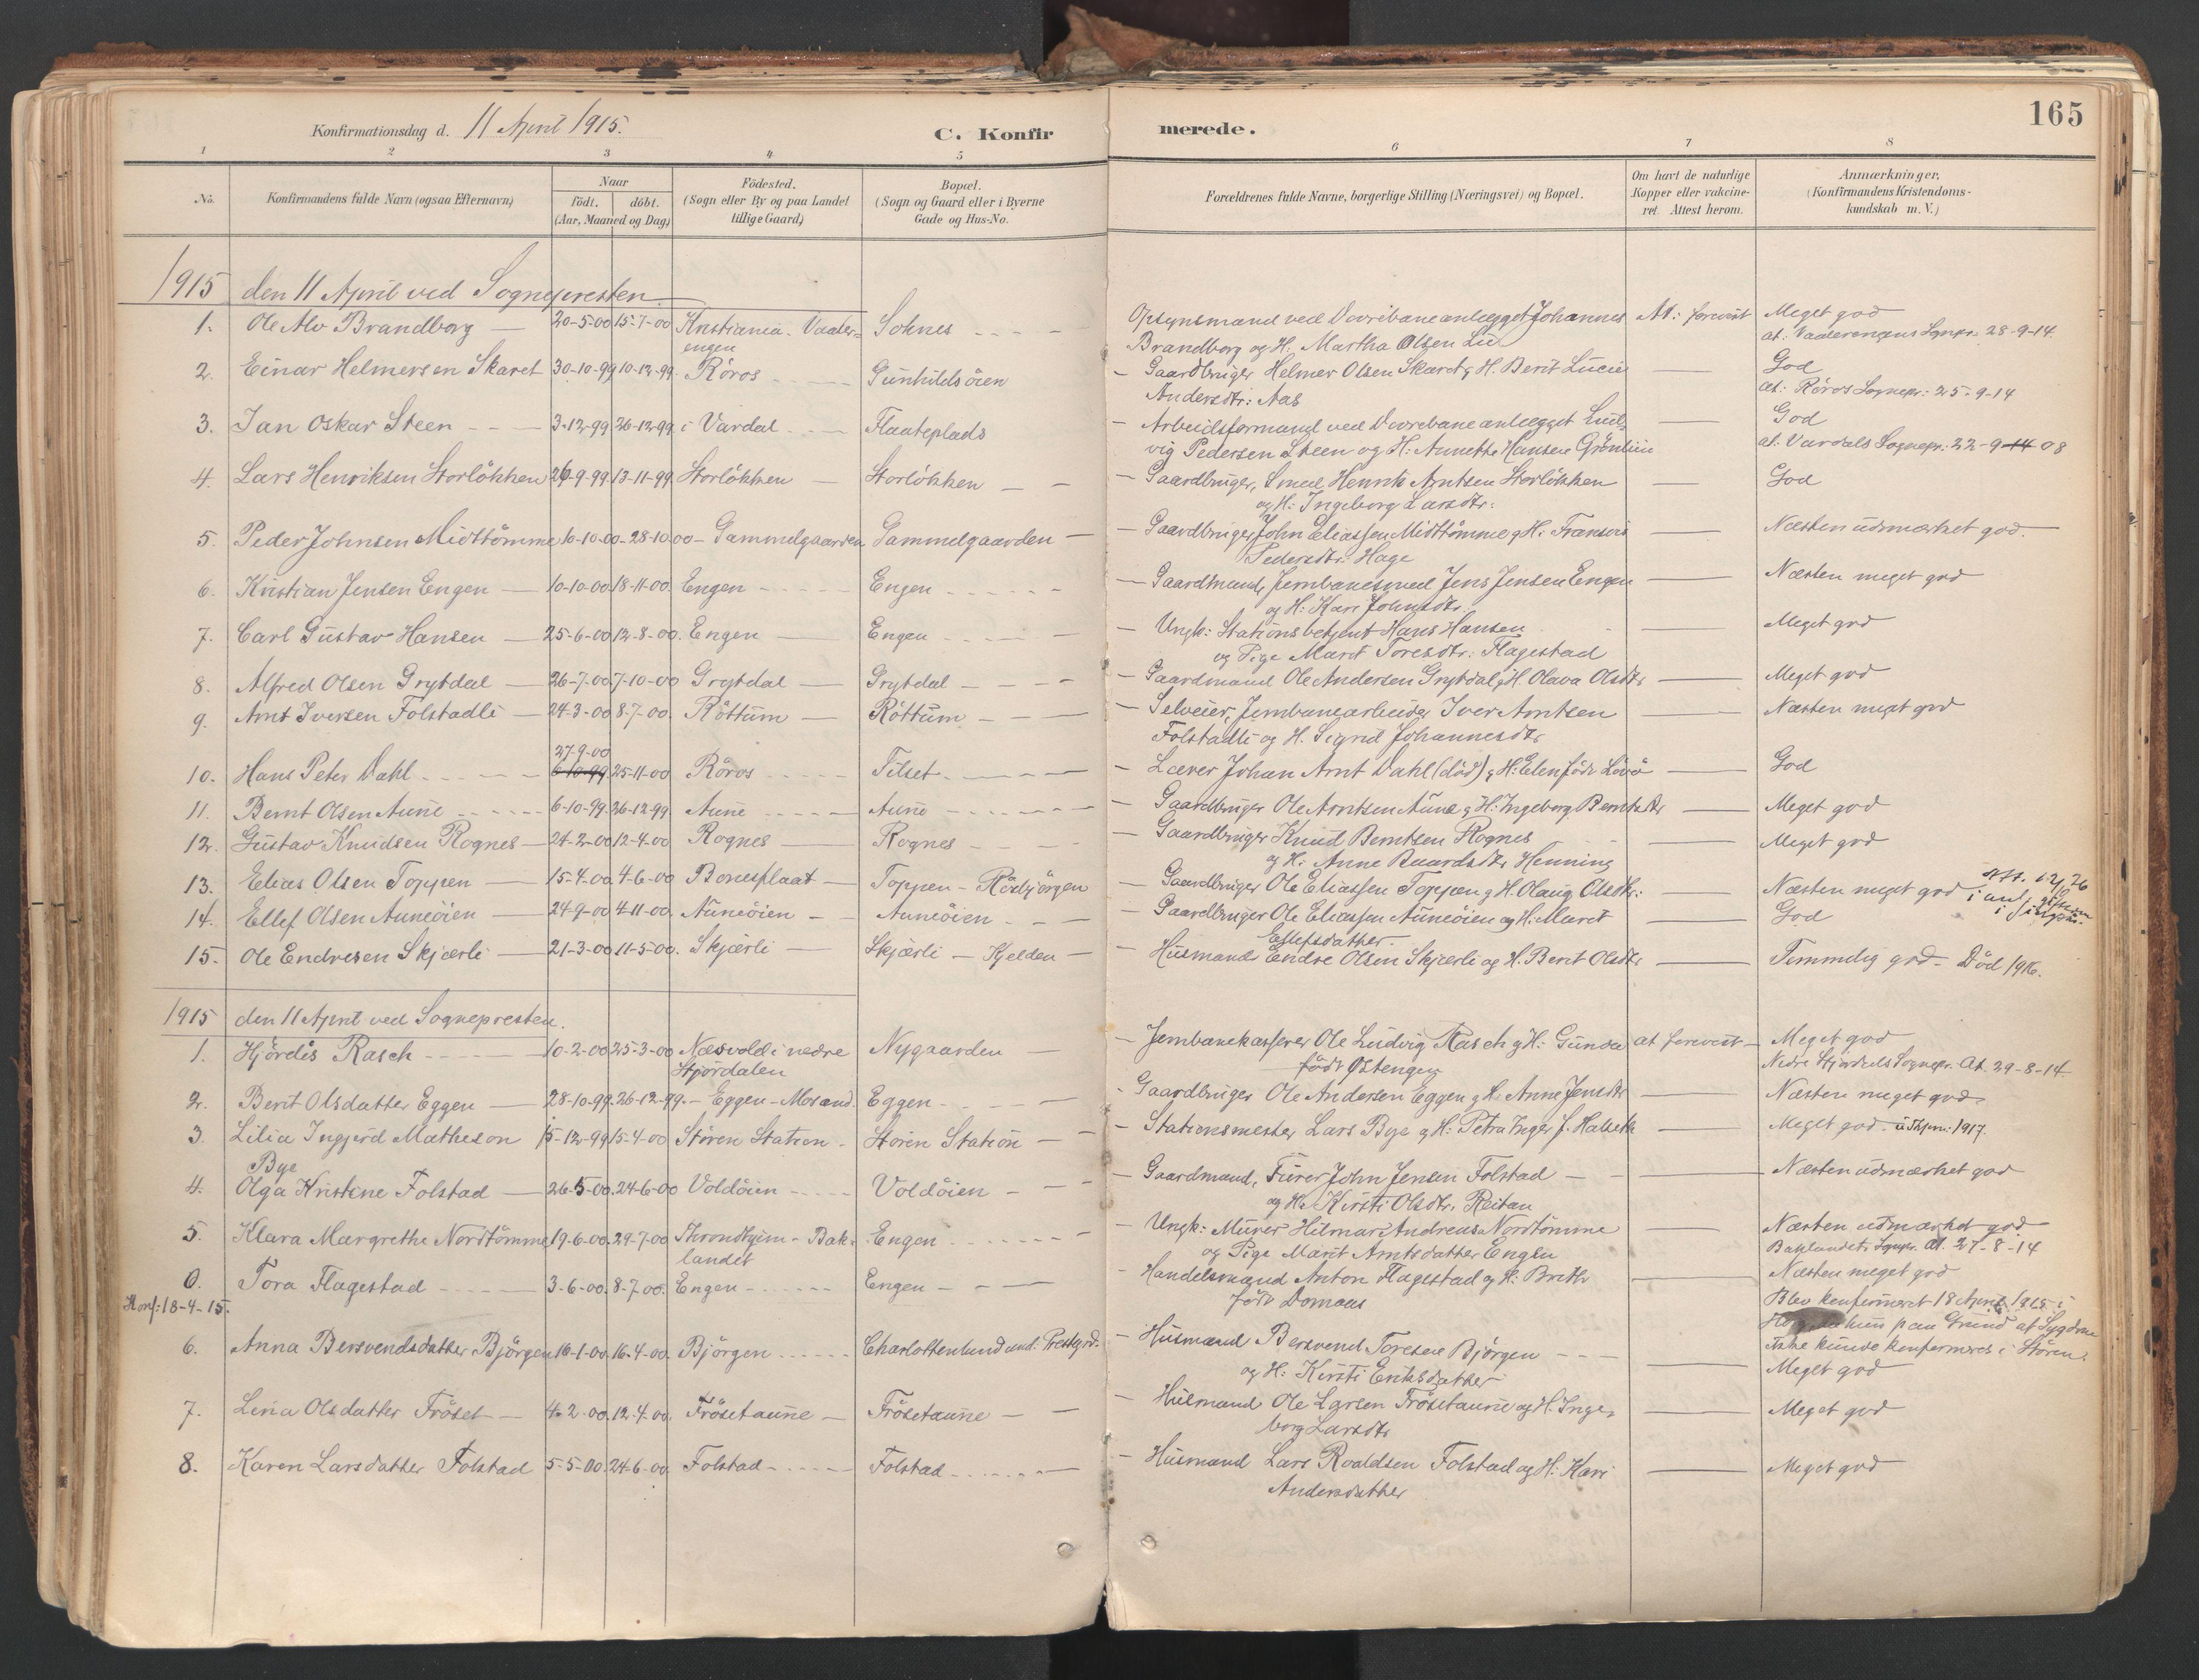 SAT, Ministerialprotokoller, klokkerbøker og fødselsregistre - Sør-Trøndelag, 687/L1004: Ministerialbok nr. 687A10, 1891-1923, s. 165